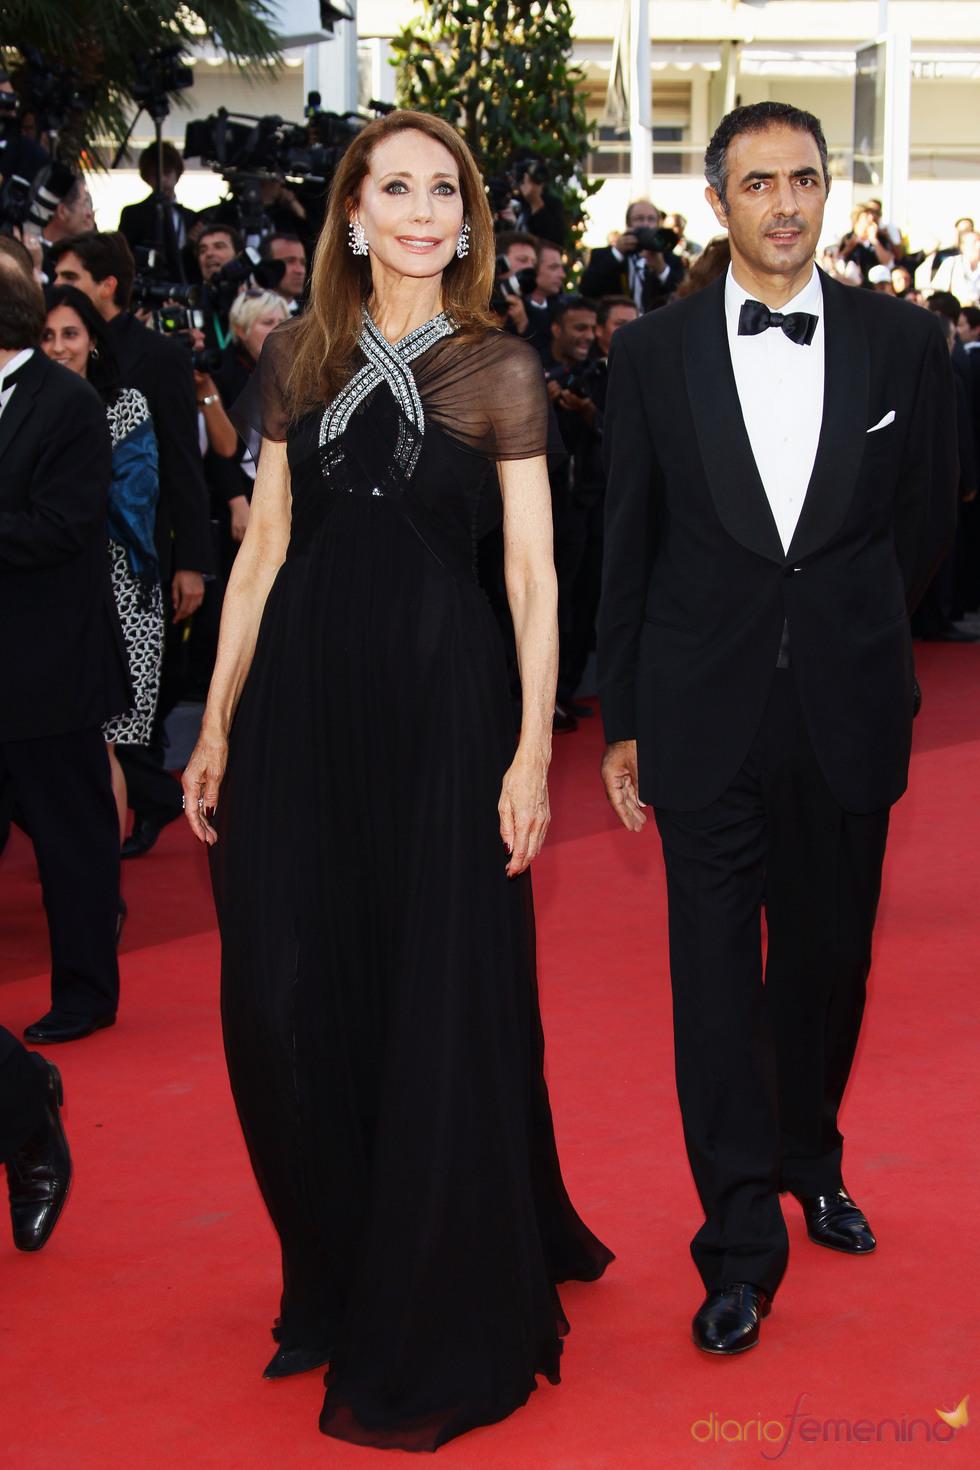 Marisa Berenson en la premier de 'This must be the place' en Cannes 2011